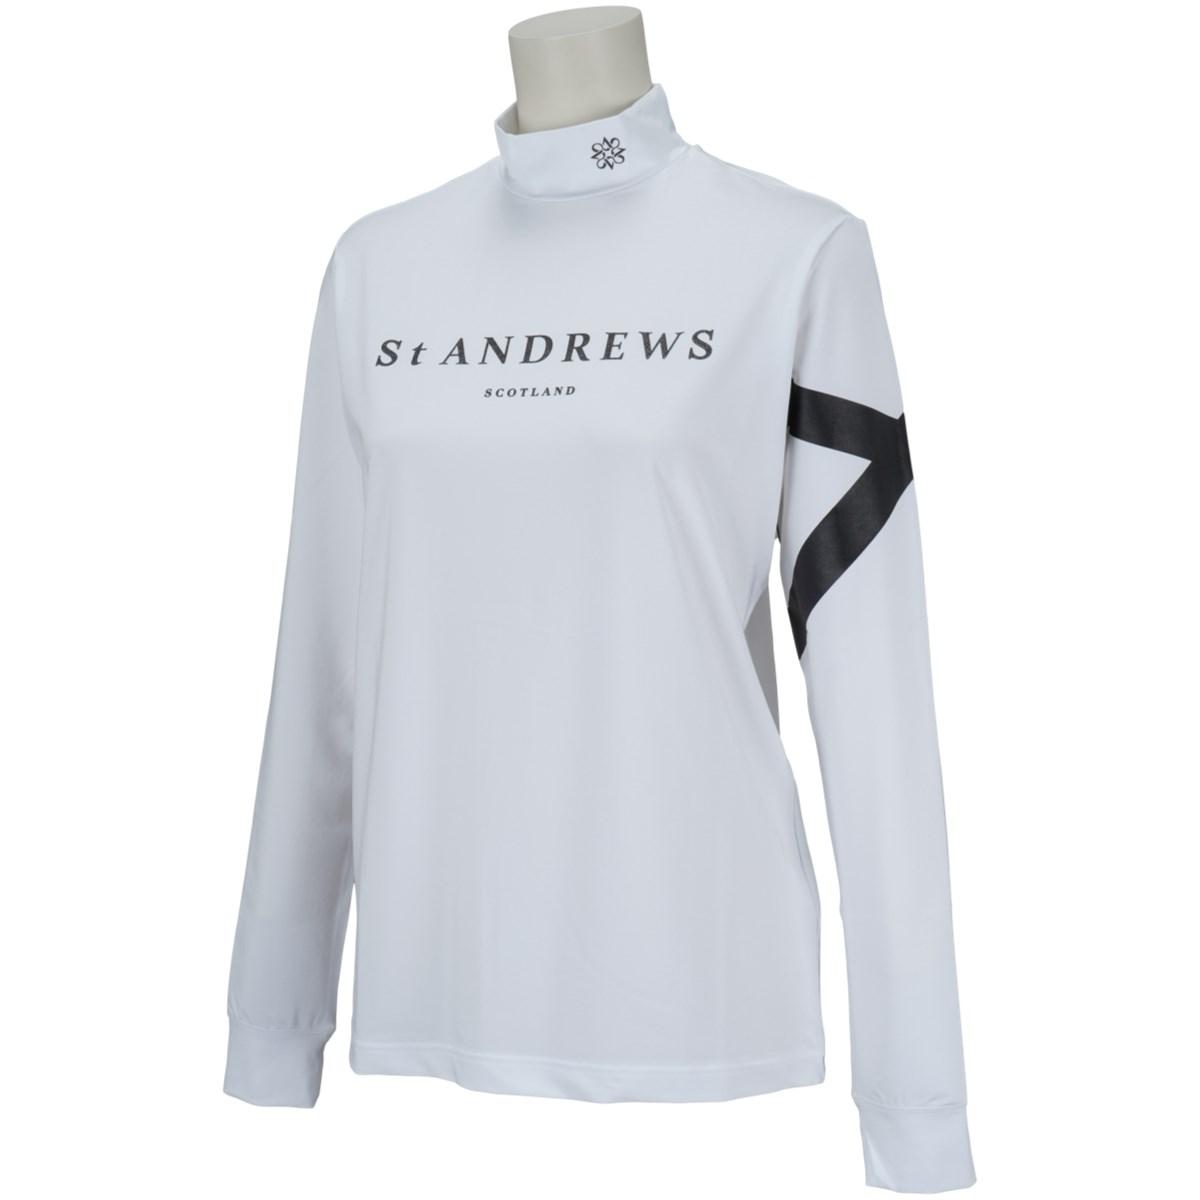 セント・アンドリュース St ANDREWS 長袖ハイネックインナーシャツ L ホワイト 030 レディス